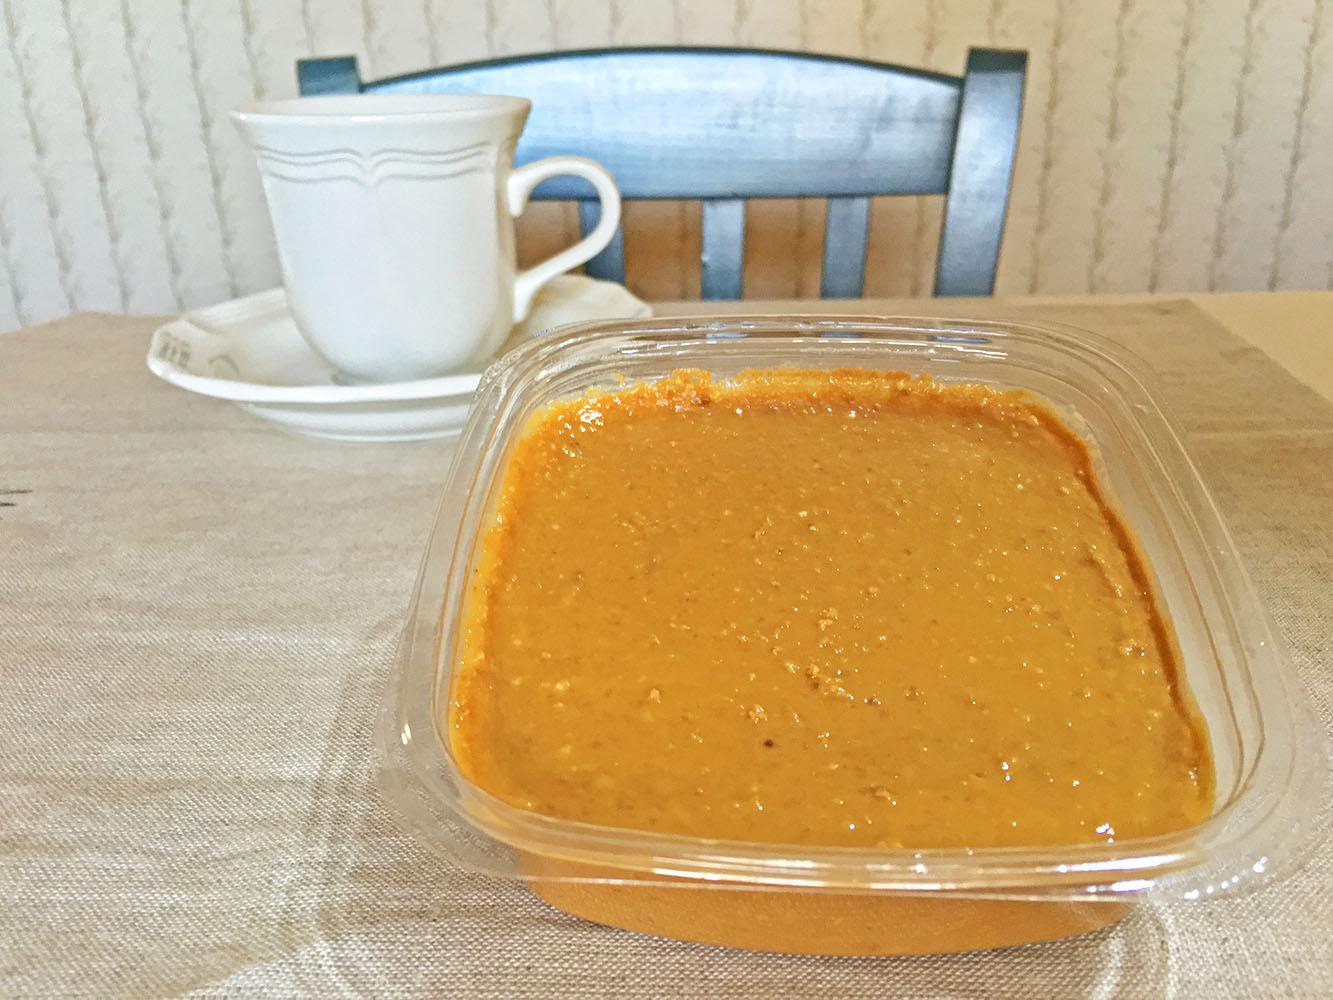 Earth Fare Organic Peanut Butter